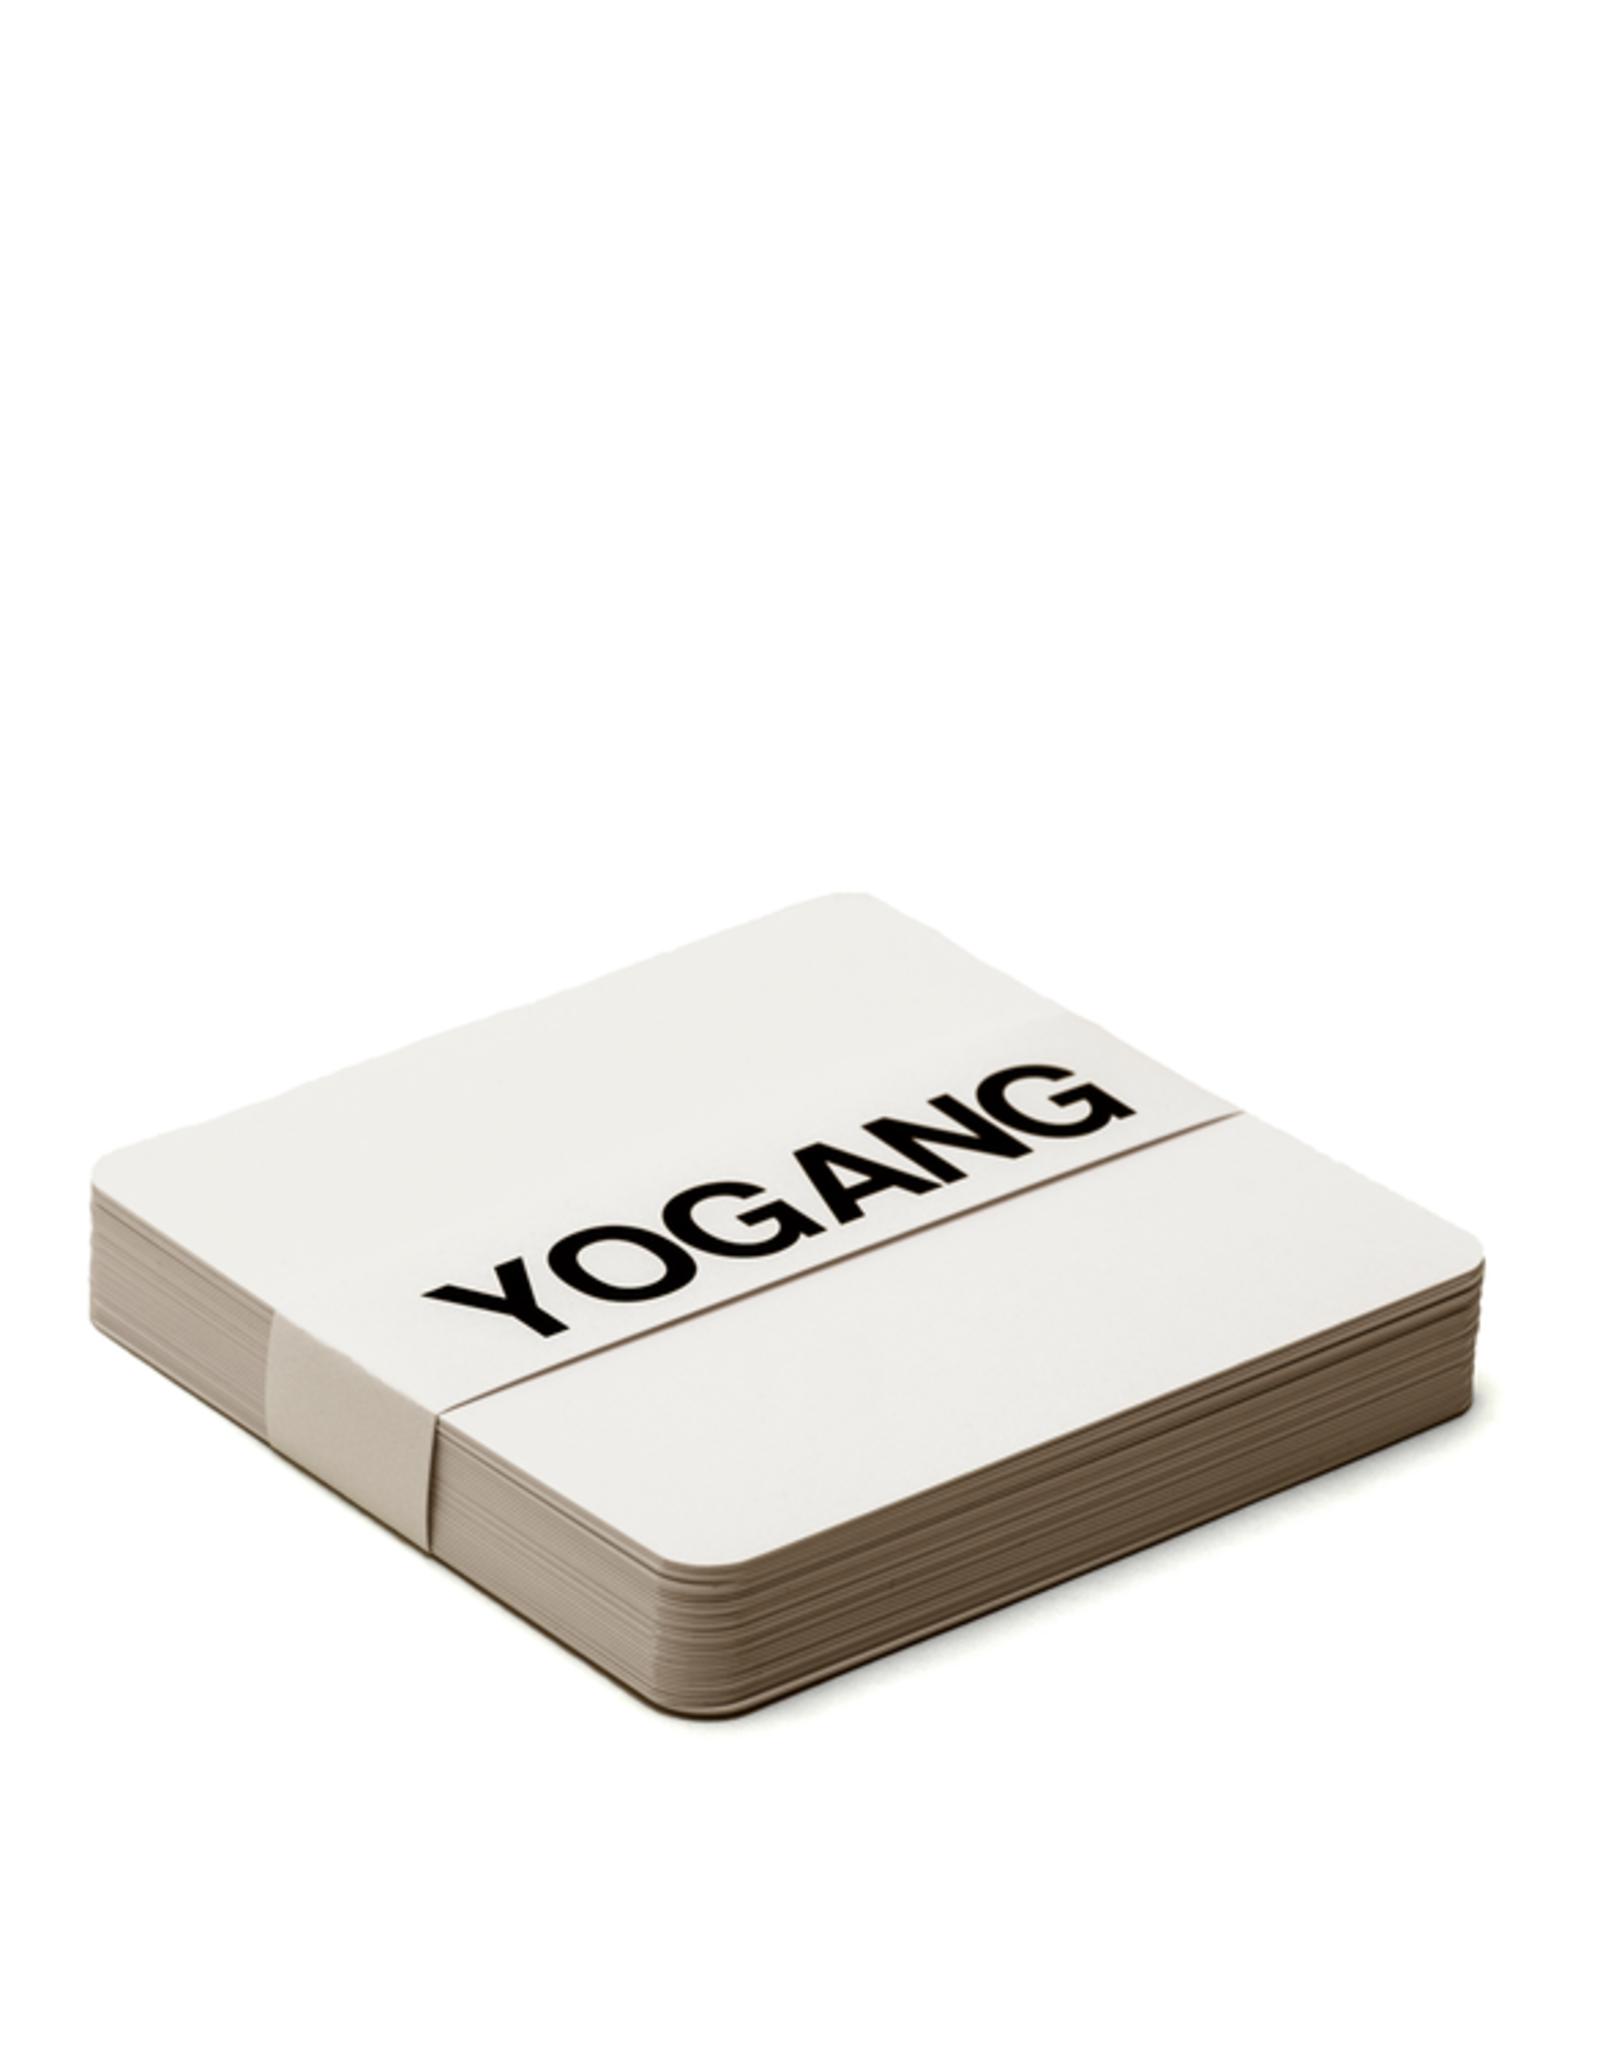 Yogang Yogang - Yoga game for kids